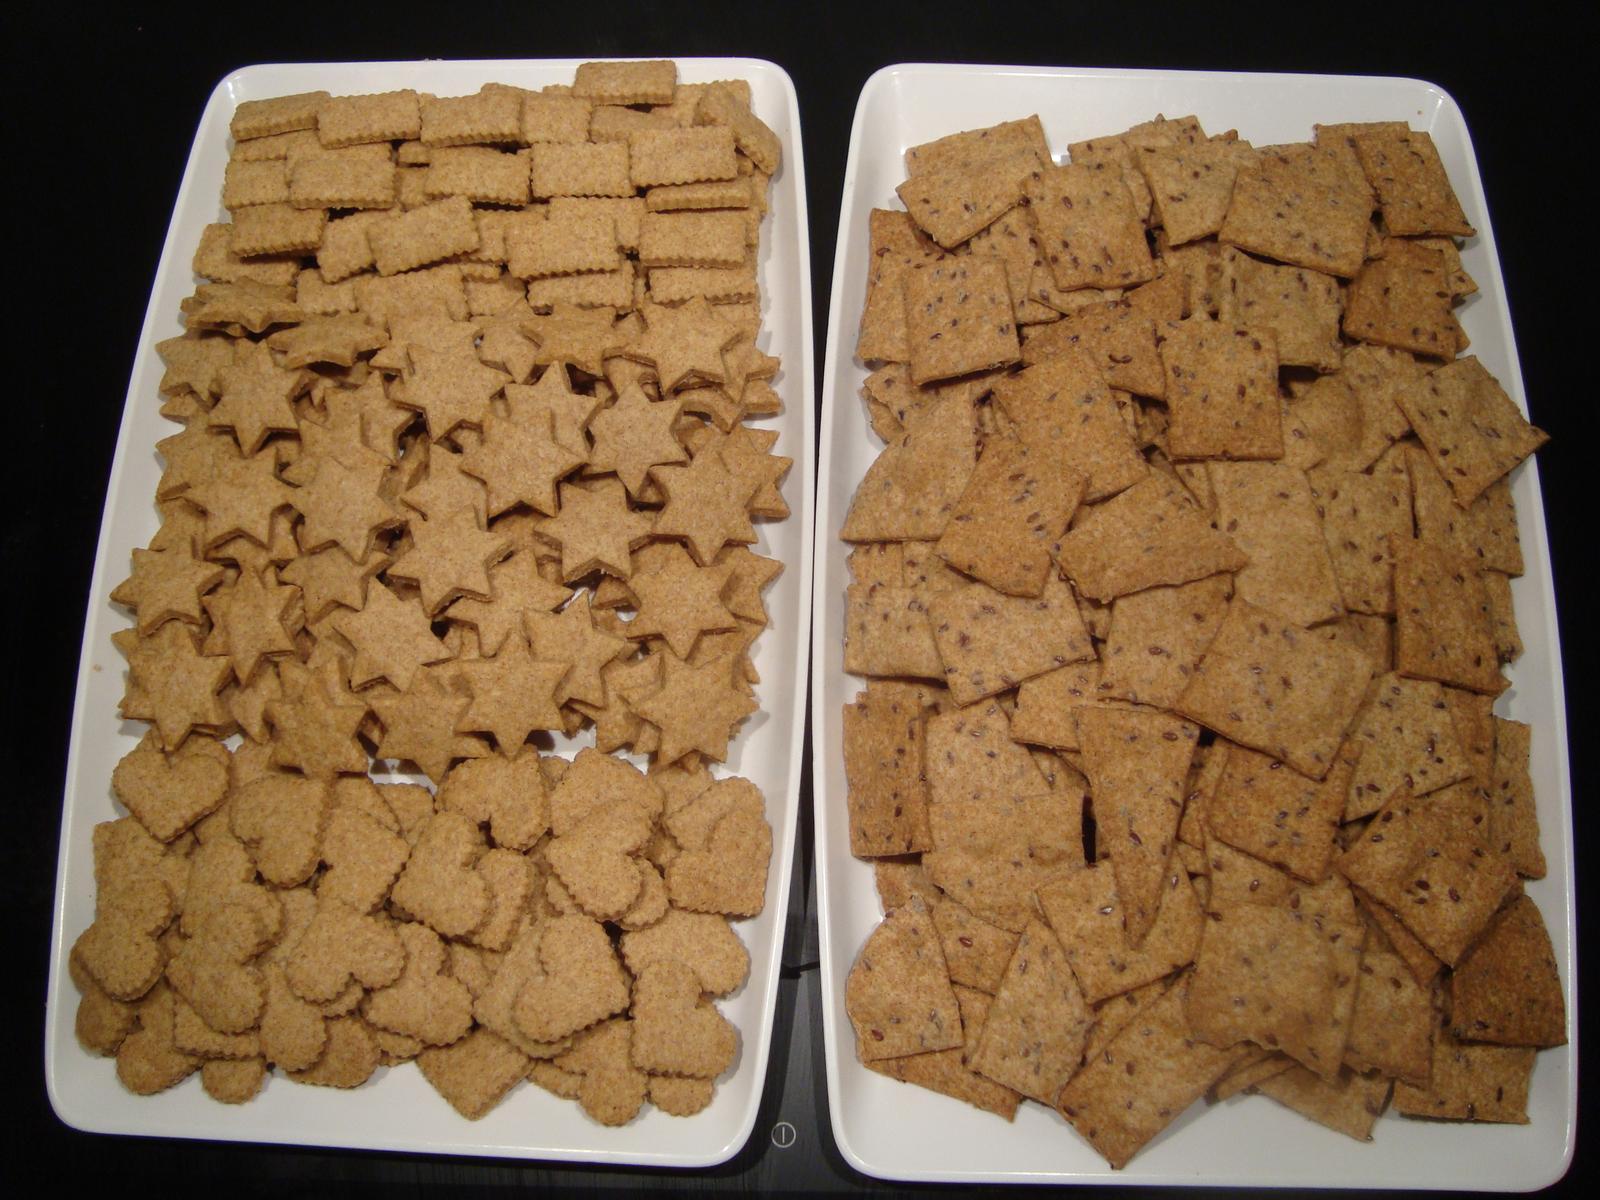 Moja záľuba - Vľavo: zdravé špaldové vianočné keksíky. Vpravo: slané špaldové krekry s ľanovými semienkami.